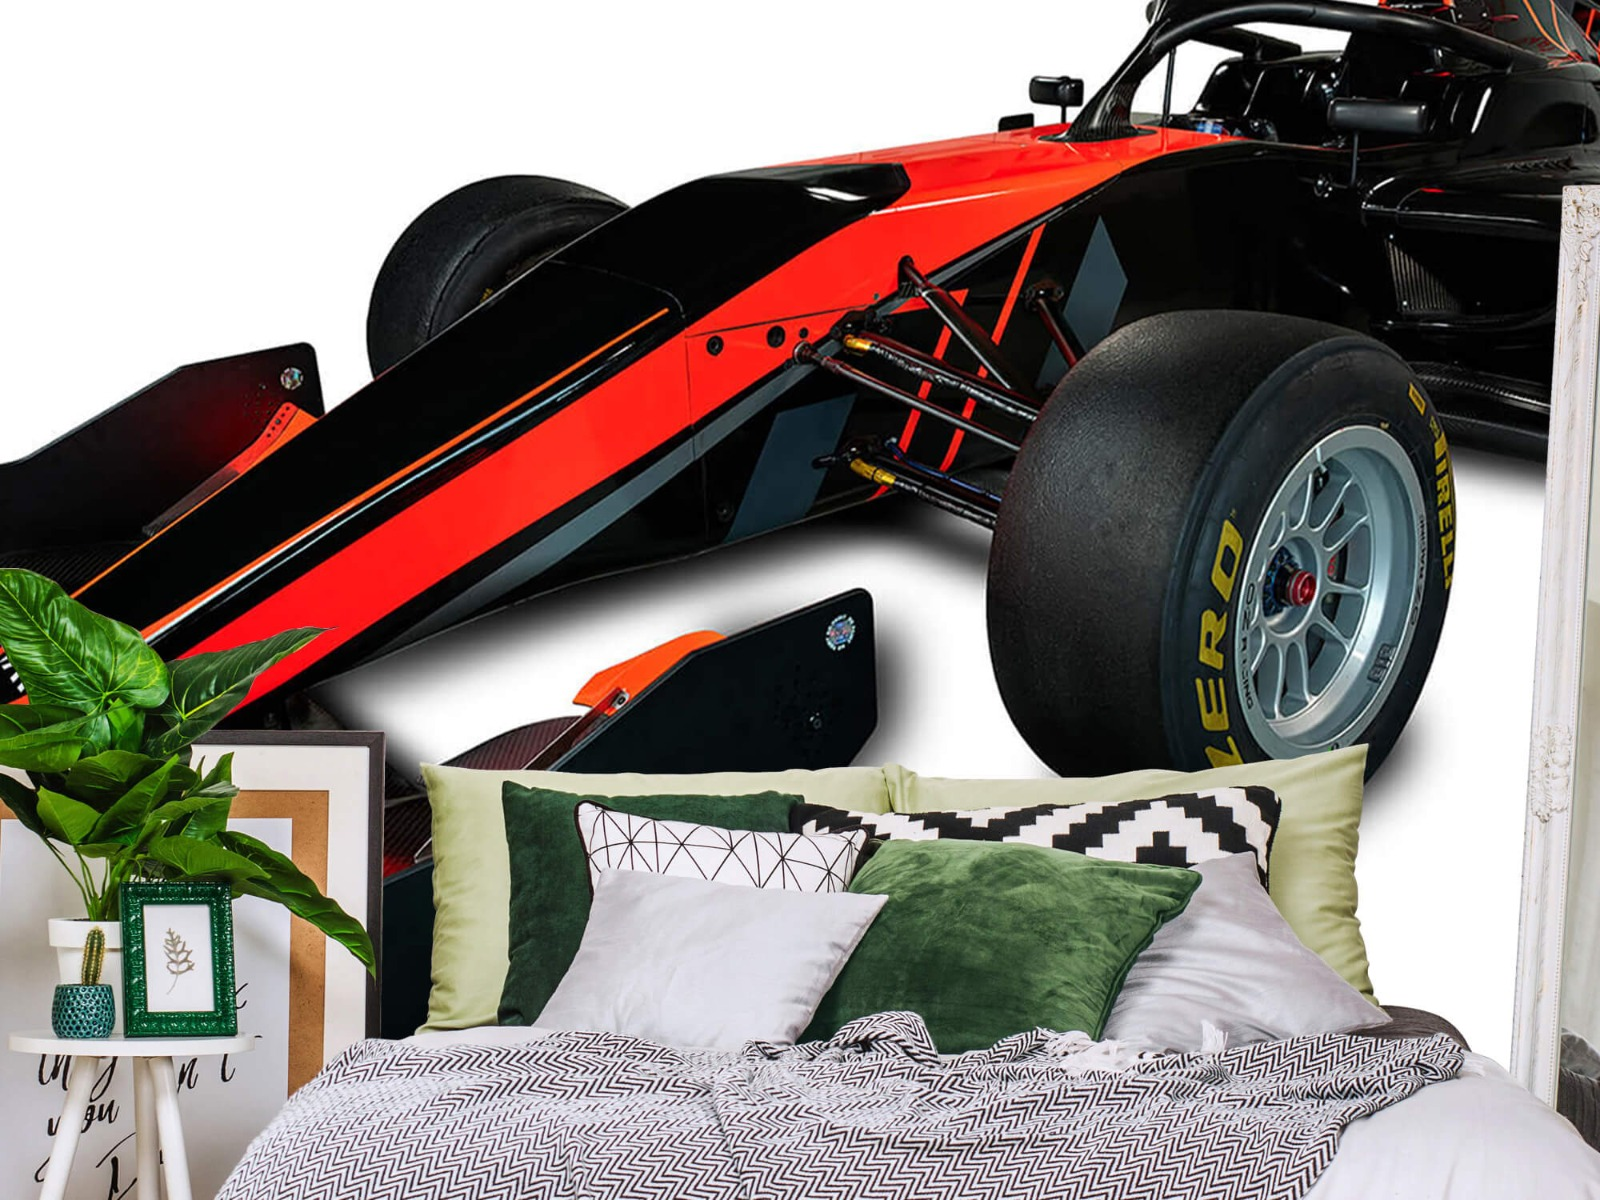 Sportauto's - Formule 3 - Left front view - Tienerkamer 12